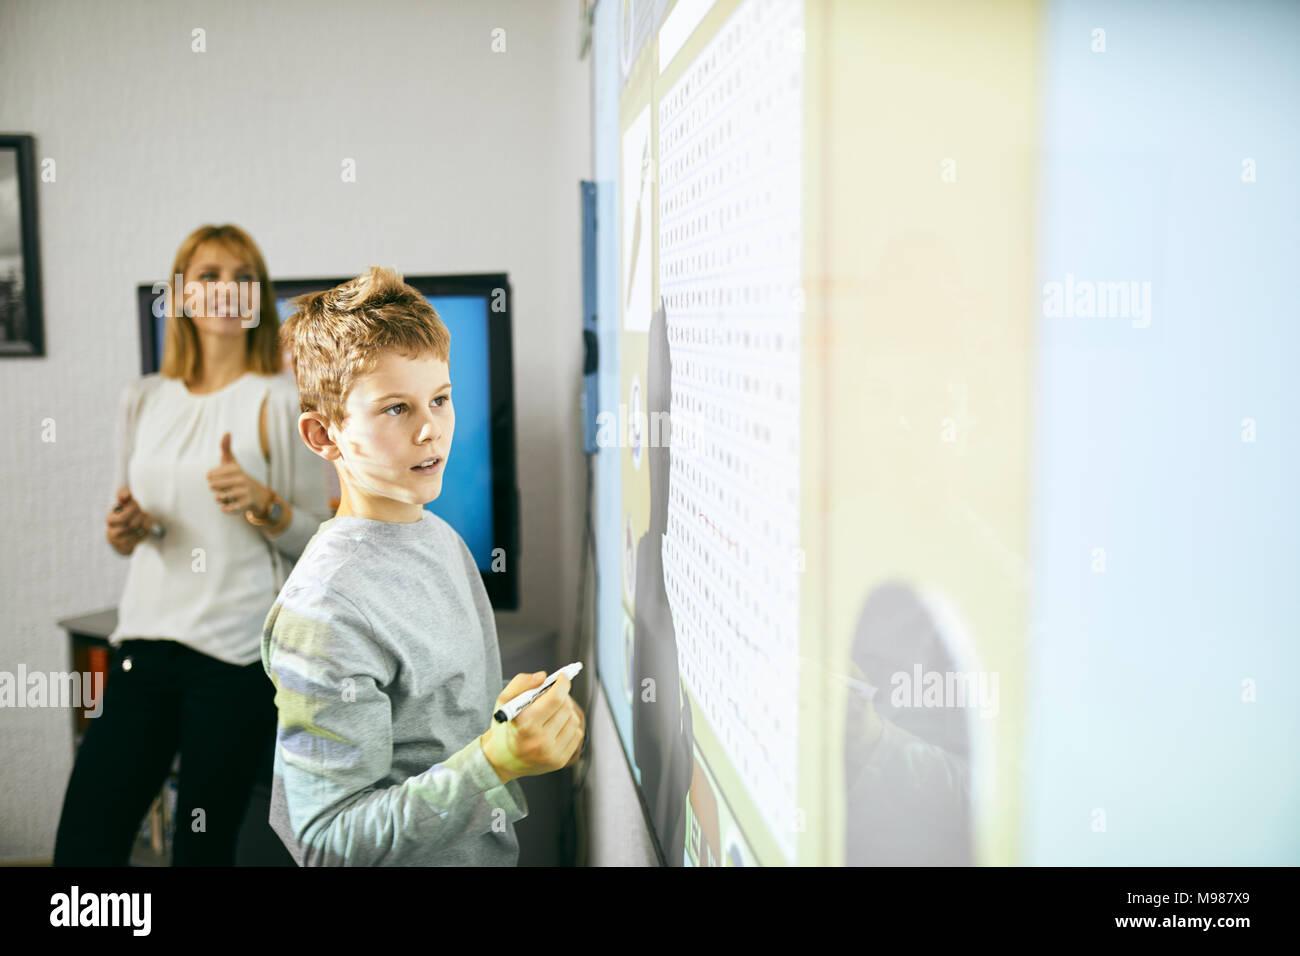 Schüler in der Klasse auf der interaktiven Whiteboard mit Lehrer im Hintergrund Stockbild